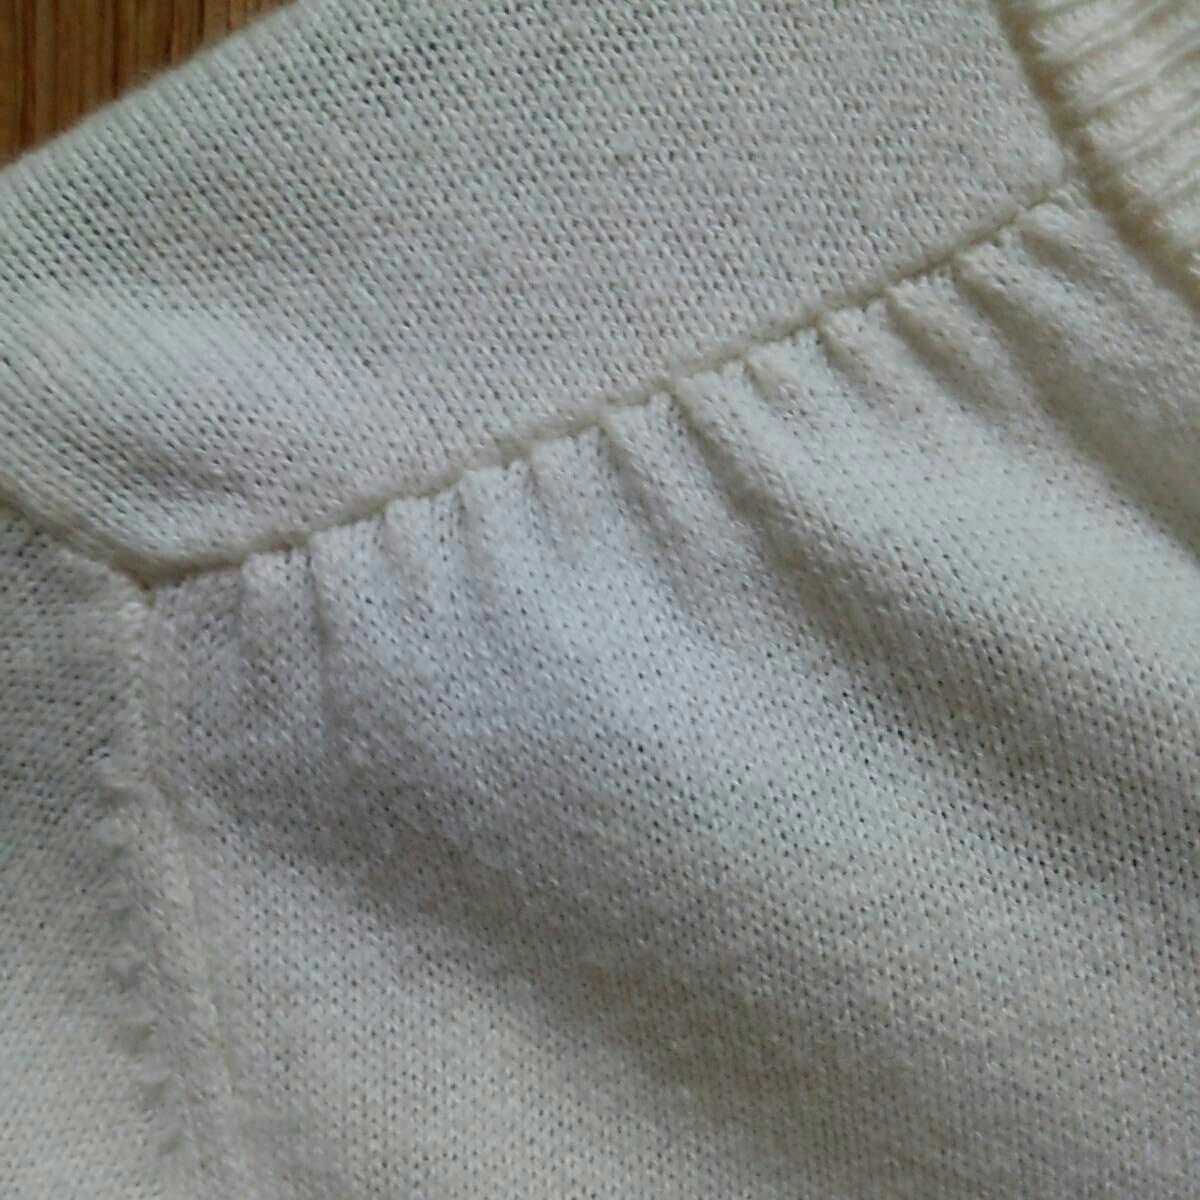 中古品 GAPKids 150cm ショート丈 長袖カーディガン 白 綿100% 子供服 女の子 上着 羽織もの 薄手_画像7